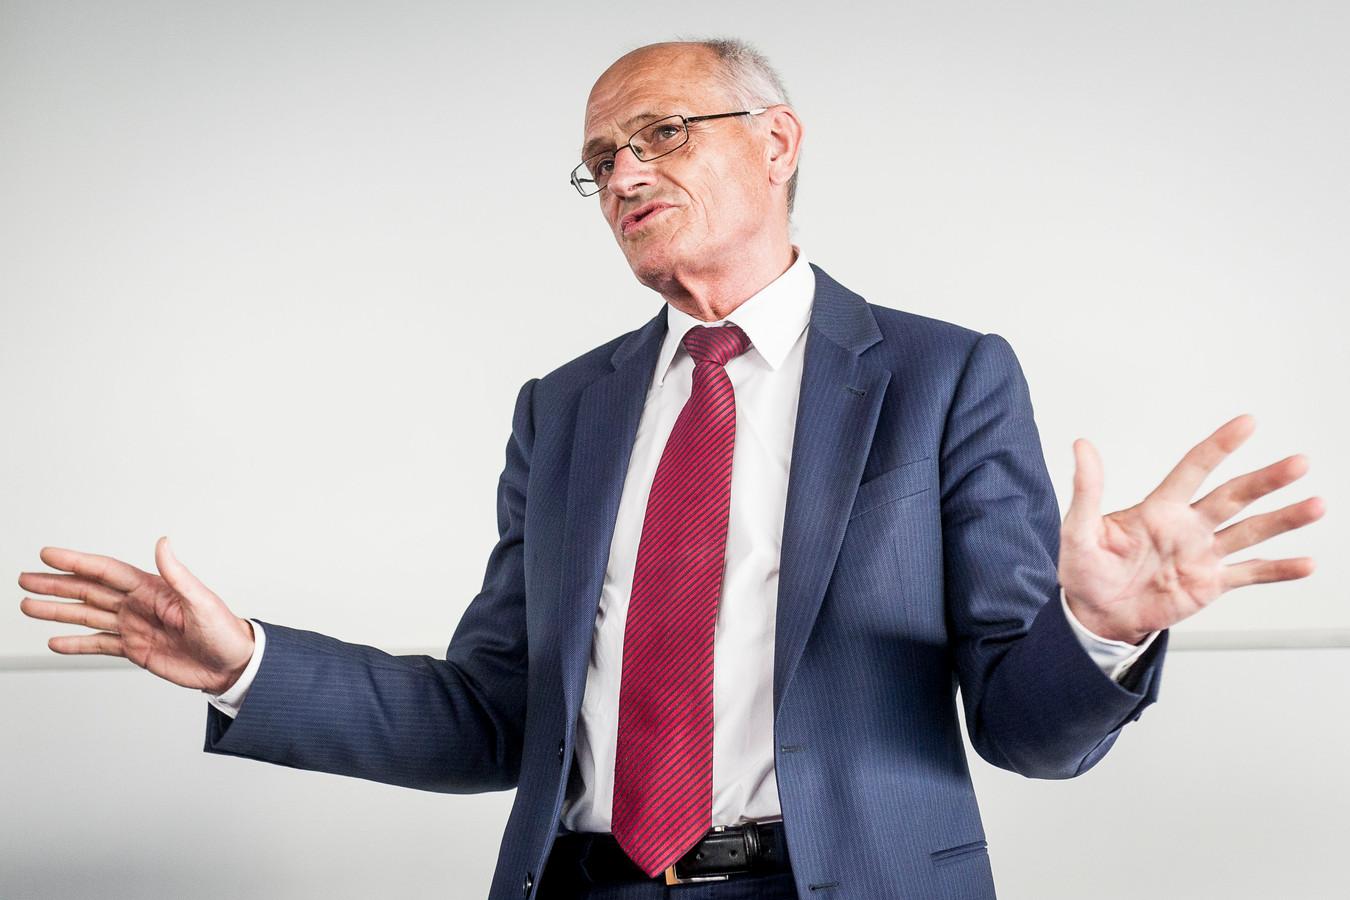 De Twentse multimiljonair Gerard Sanderink, baas van onder meer Centric en Strukton, haalde voor de zoveelste keer bakzeil in de rechtszaal.